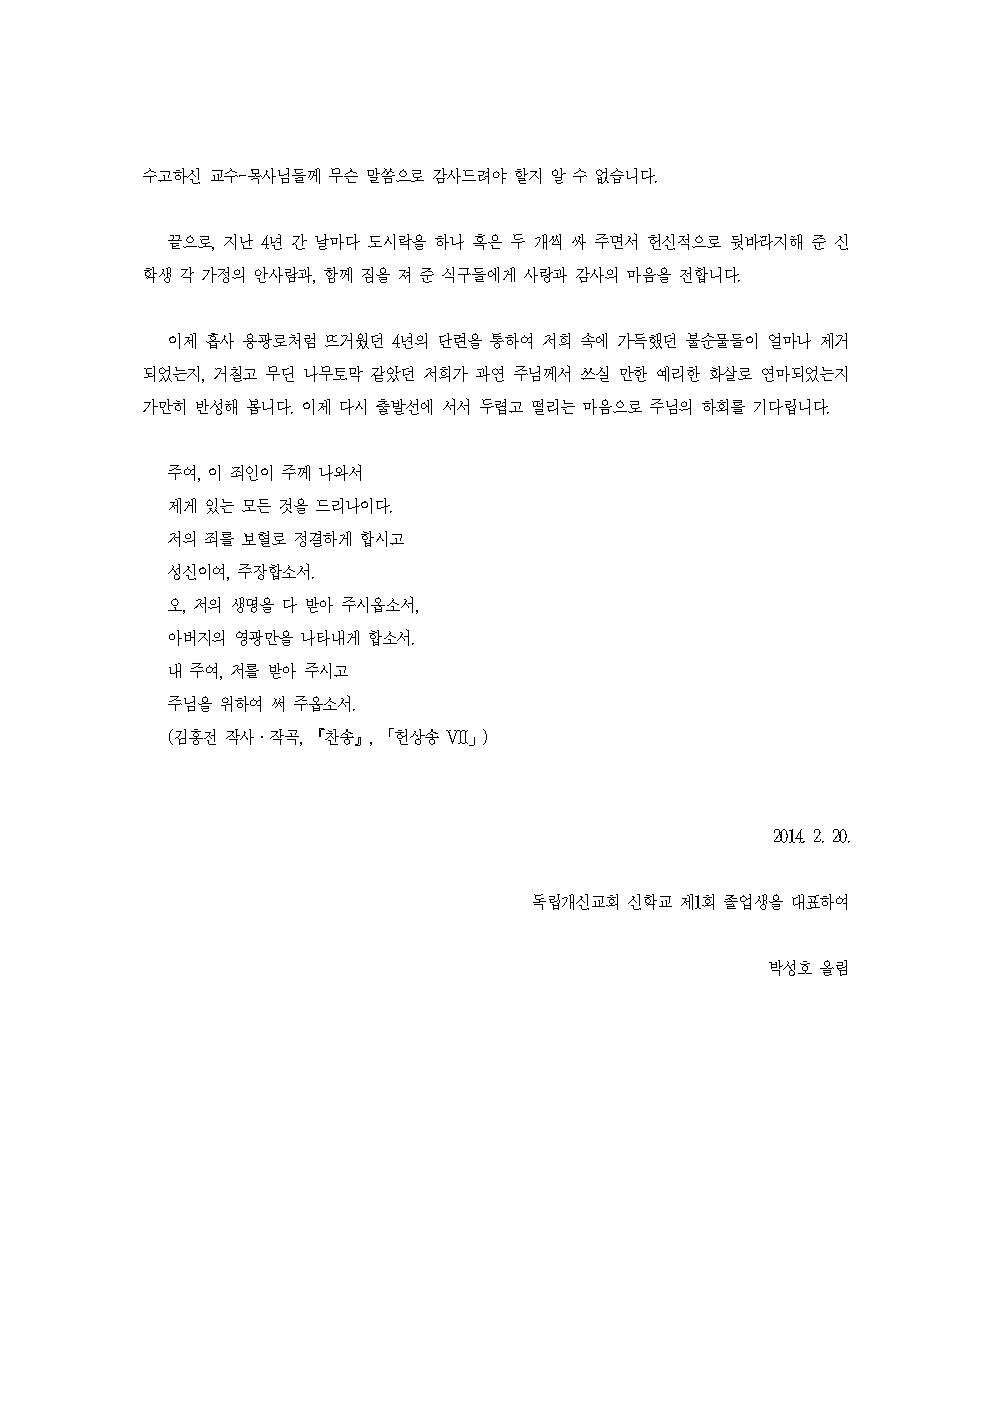 1회졸업식-축사와답사-홈피용005.png